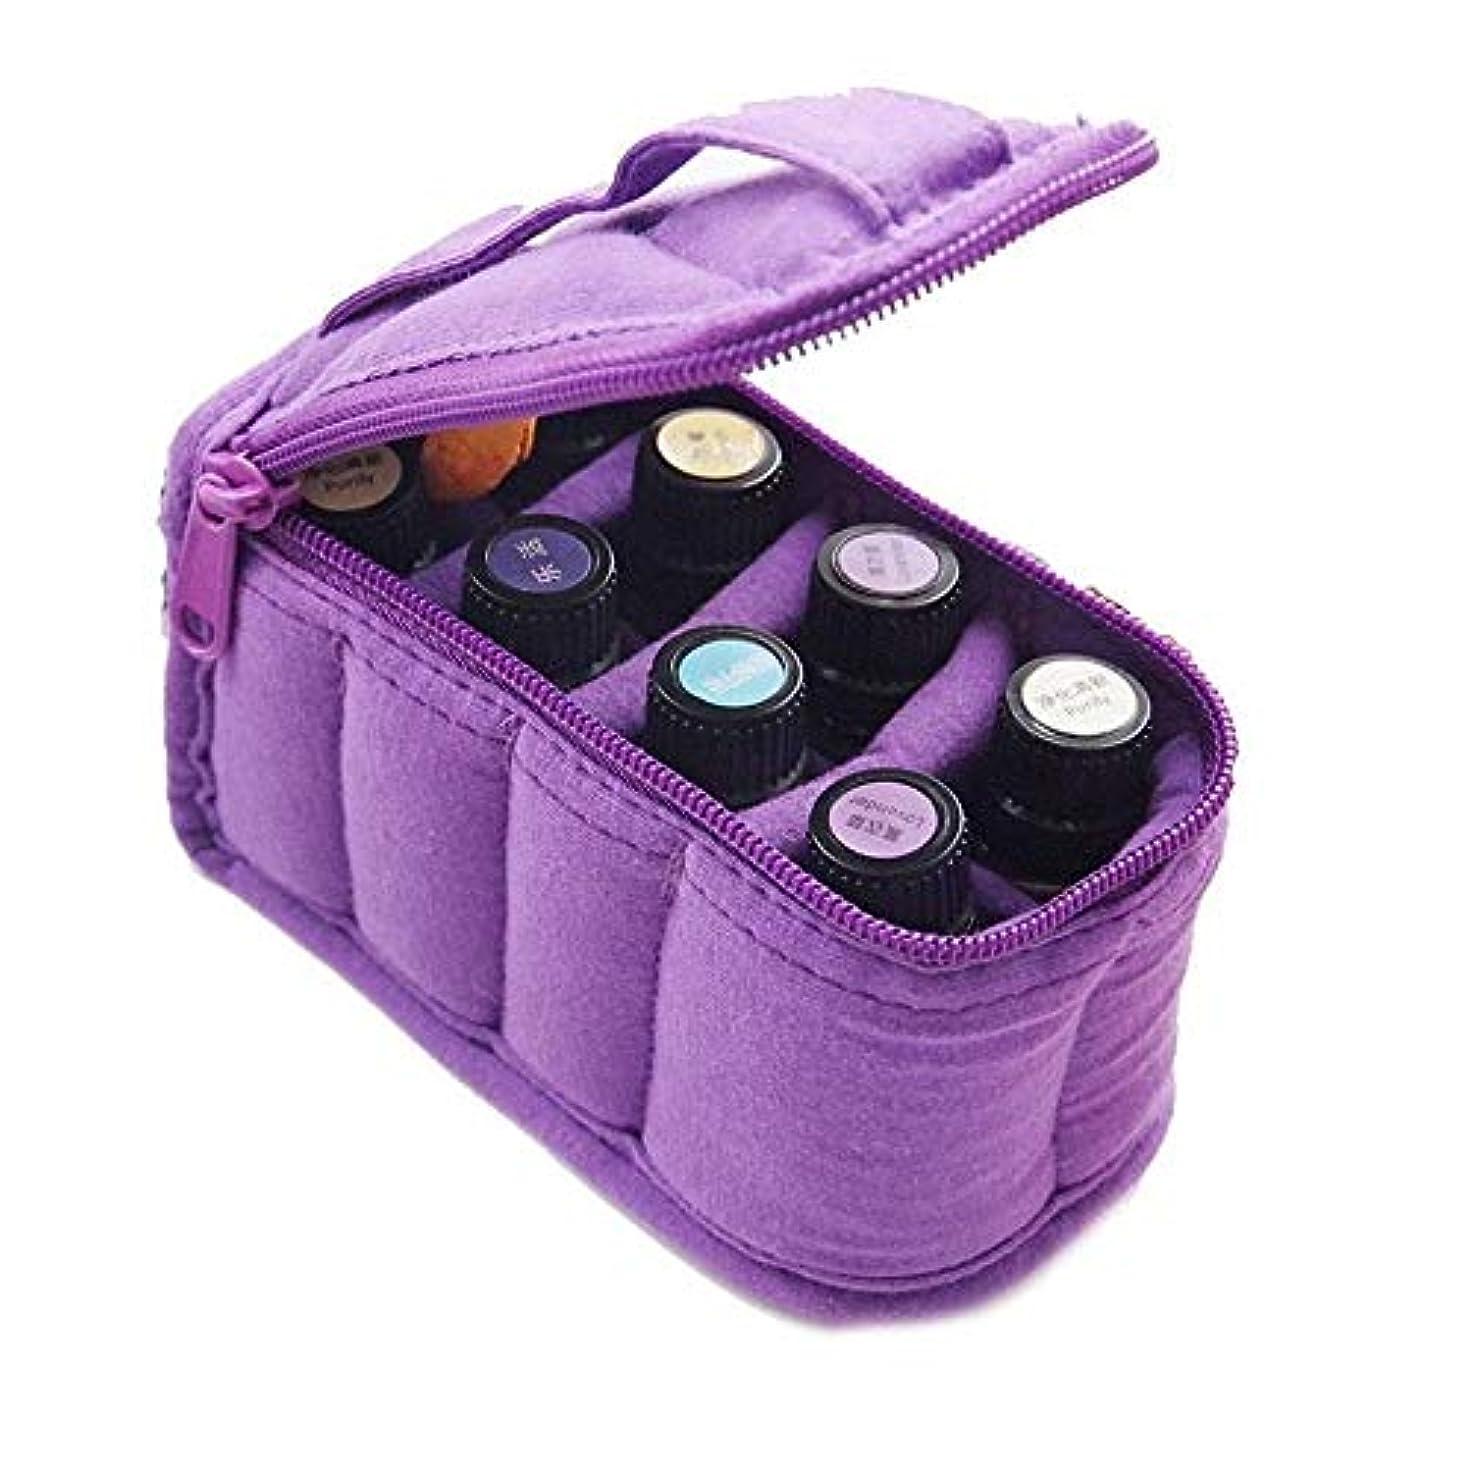 そっと確認してください細断エッセンシャルオイルボックス 10-15MLオイルオーガナイザーバッグは、フロントオイルホルスターに高レベルの保護を扱います アロマセラピー収納ボックス (色 : 紫の, サイズ : 13X7X7.5CM)